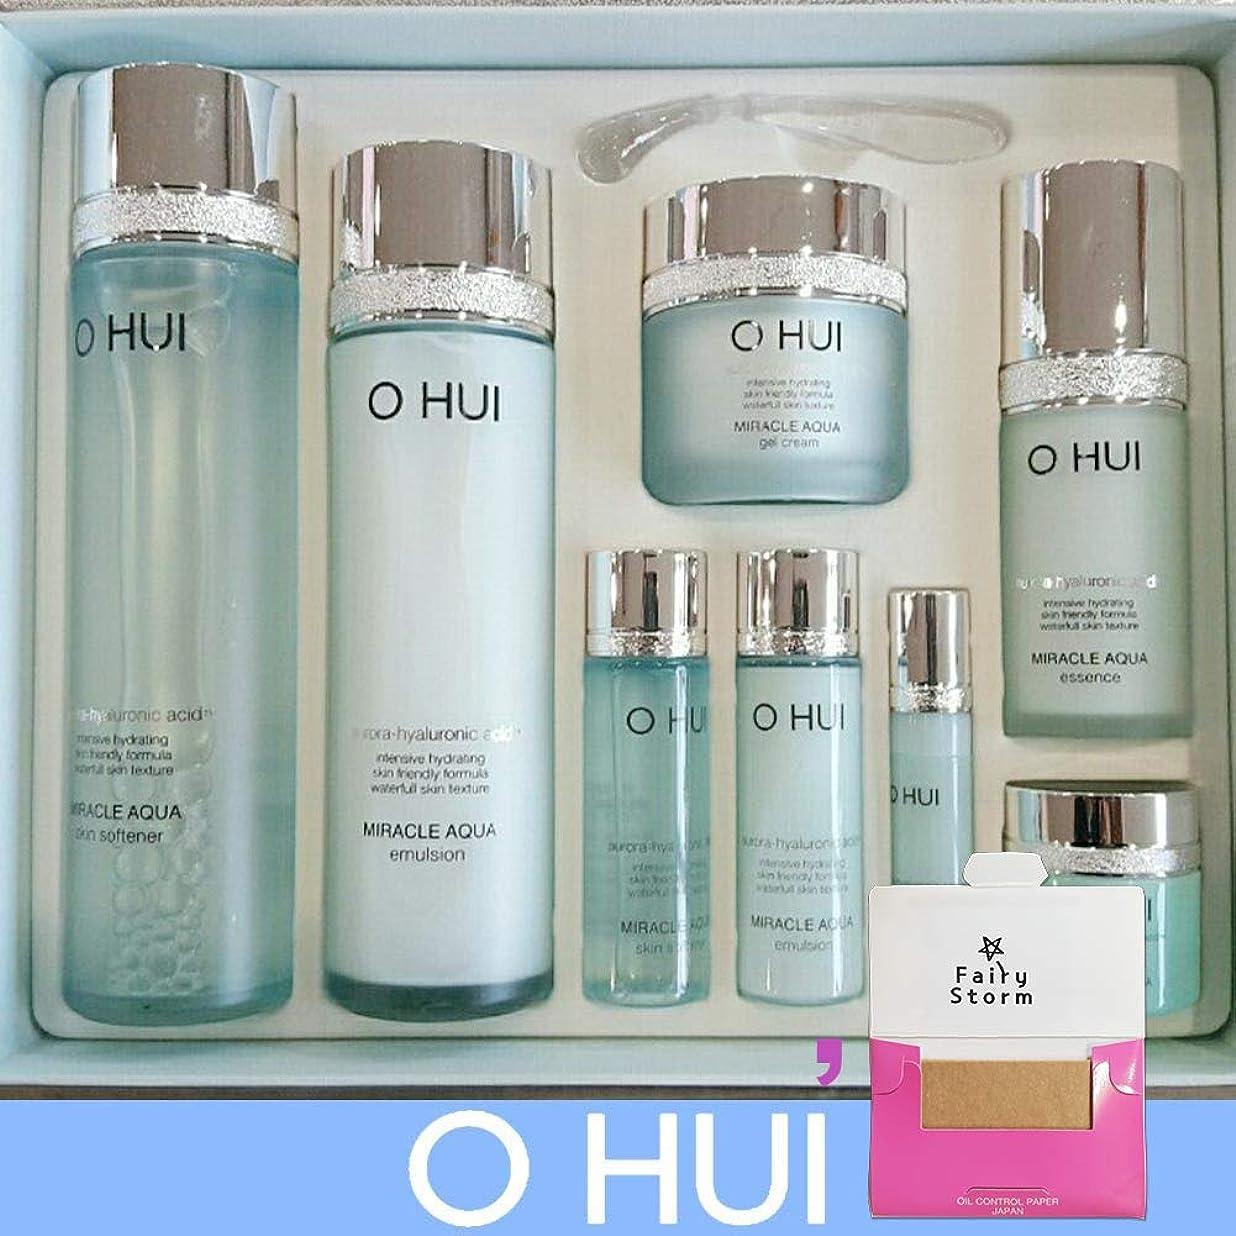 したい違う賢明な[オフィ/ O HUI]韓国化粧品 LG生活健康/ O HUI MIRACLE AQUA SPECIAL SET/ミラクル アクア 4種セット  + [Sample Gift](海外直送品)